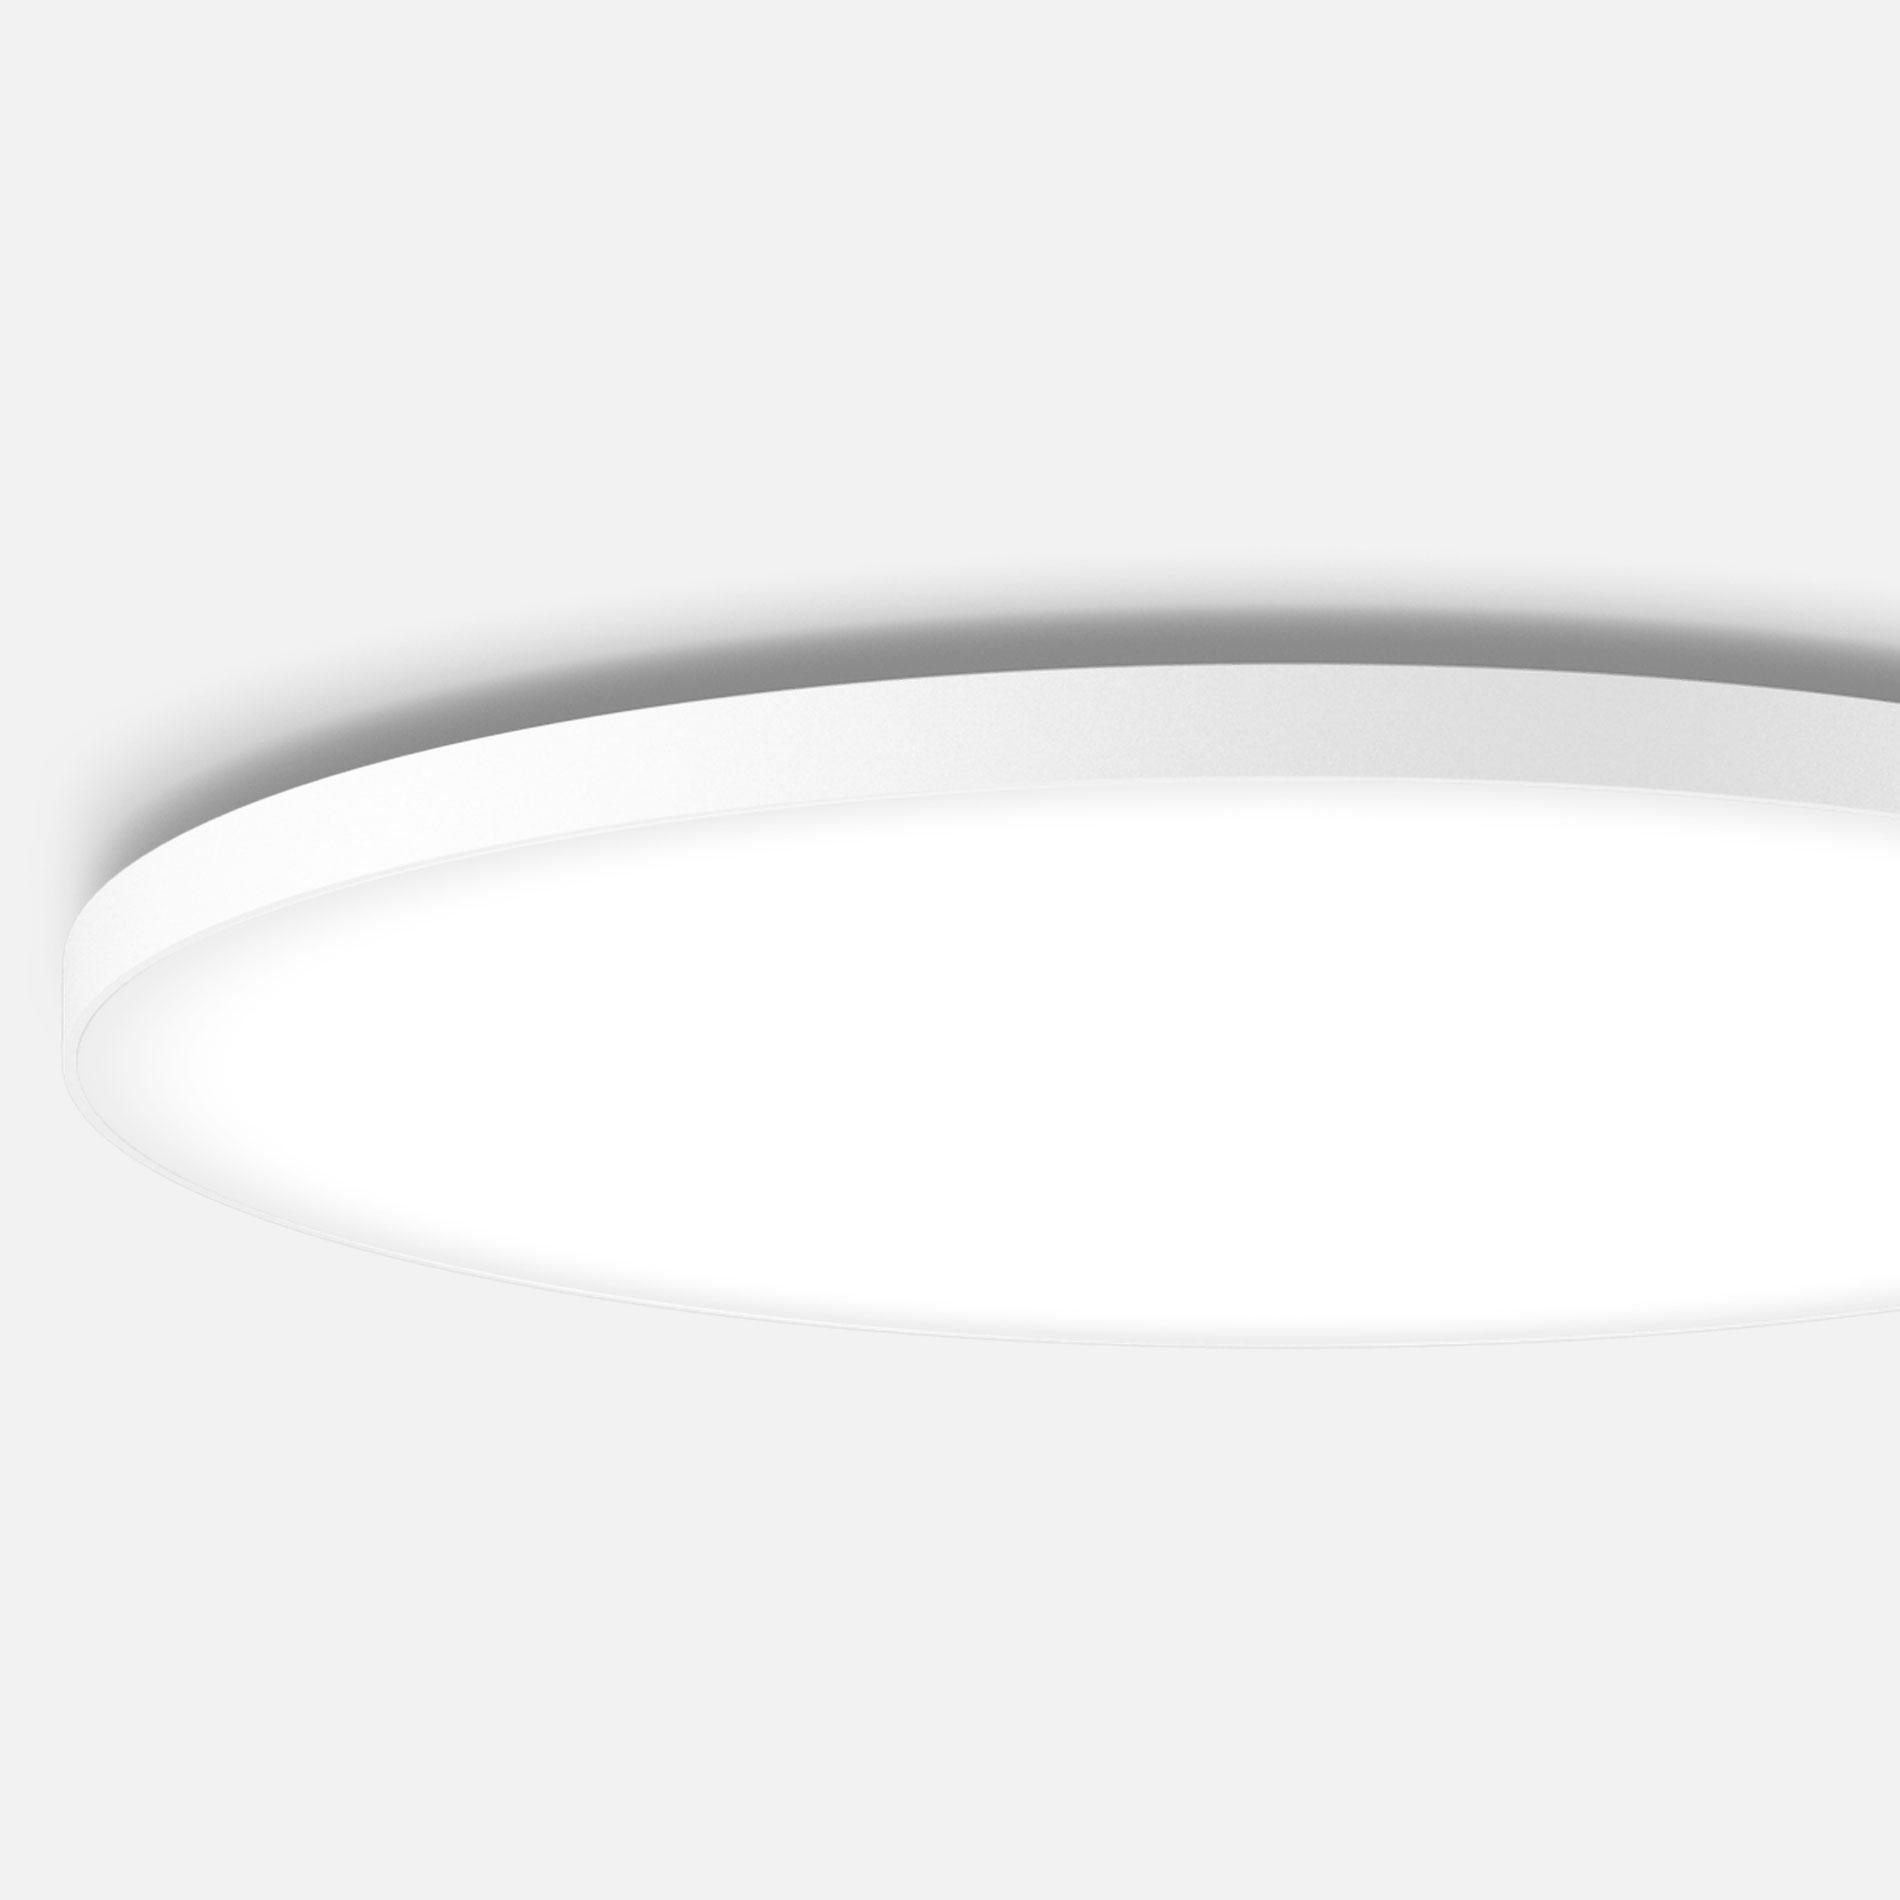 Vela evo 1200 surface white 1